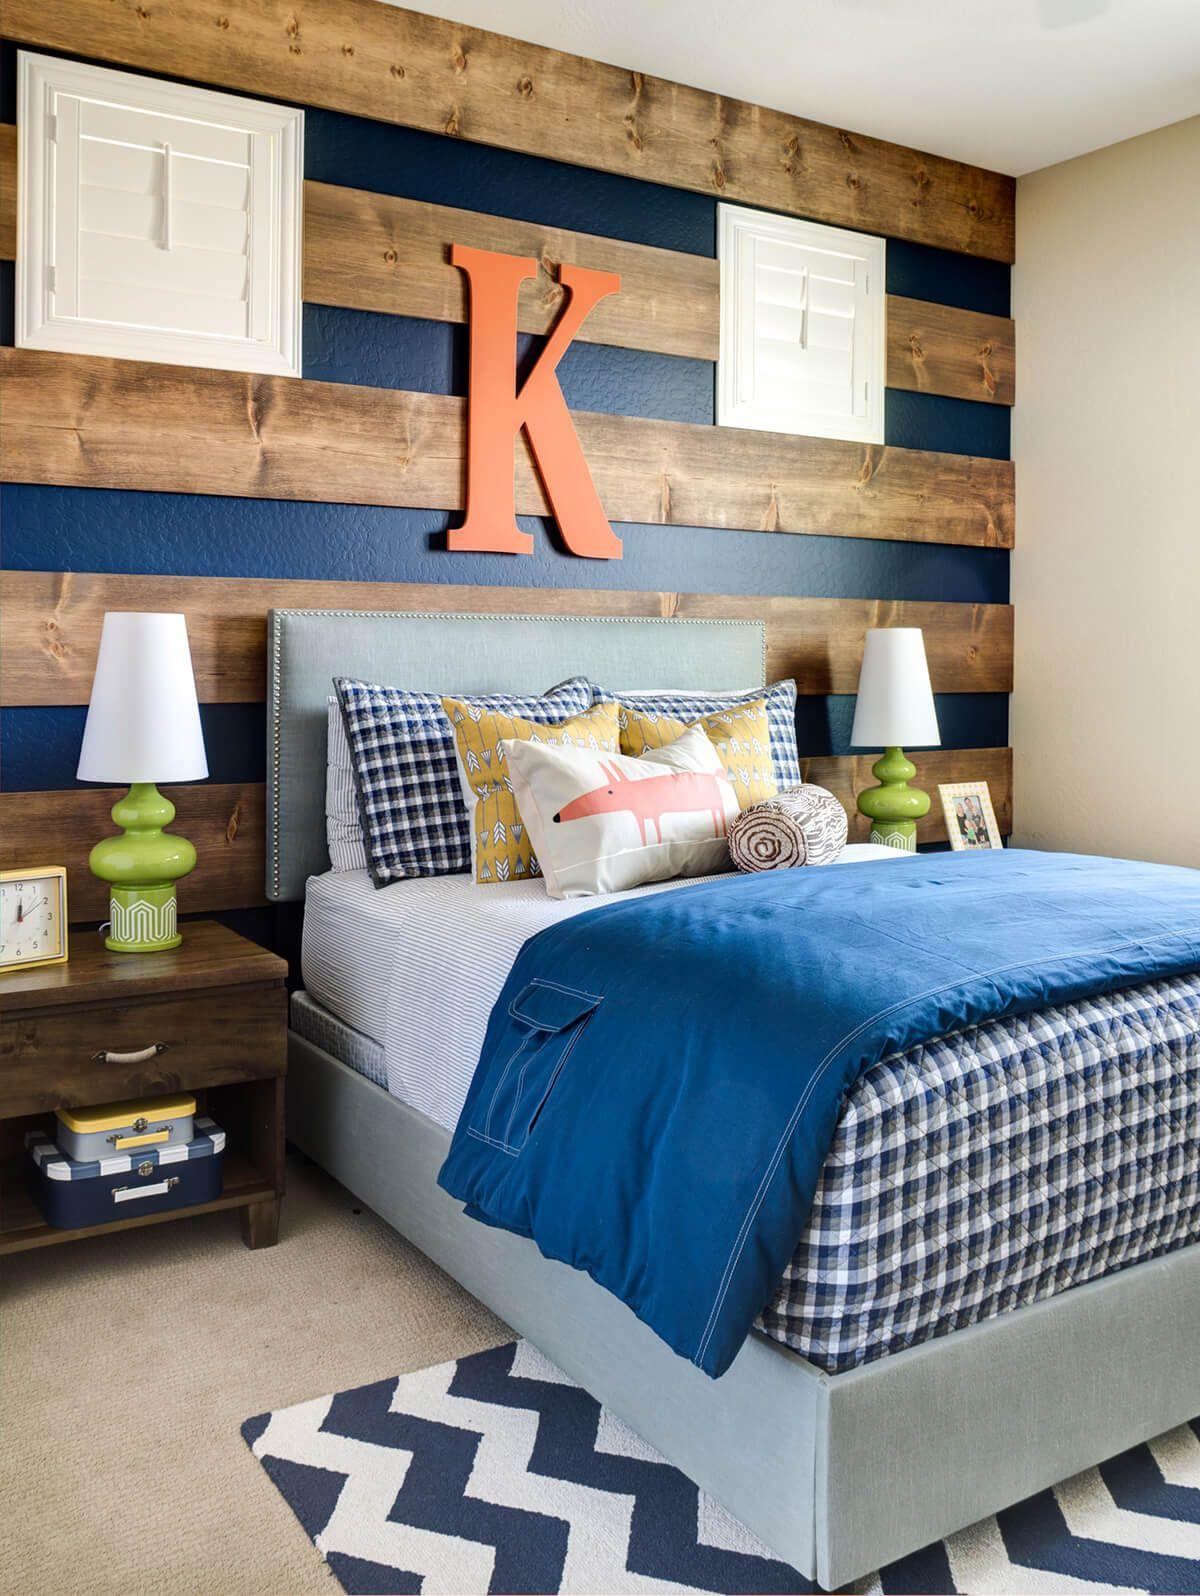 33 Cool Teenage Boy Room Decor Ideas New Room Big Boy Room